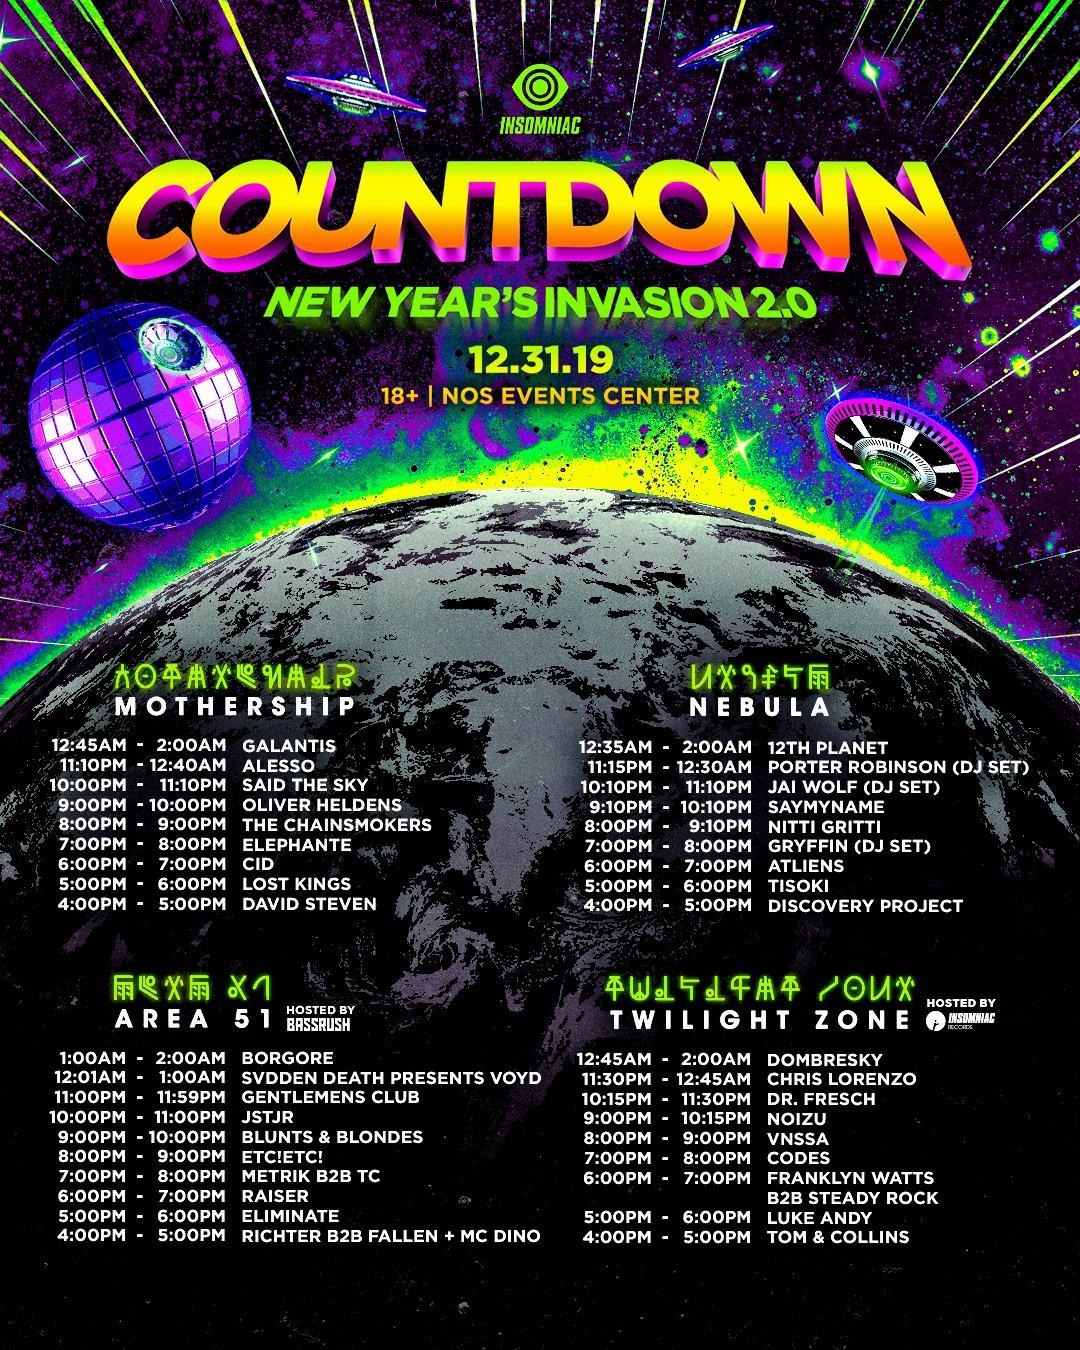 Countdown NYE 2019 Set Times